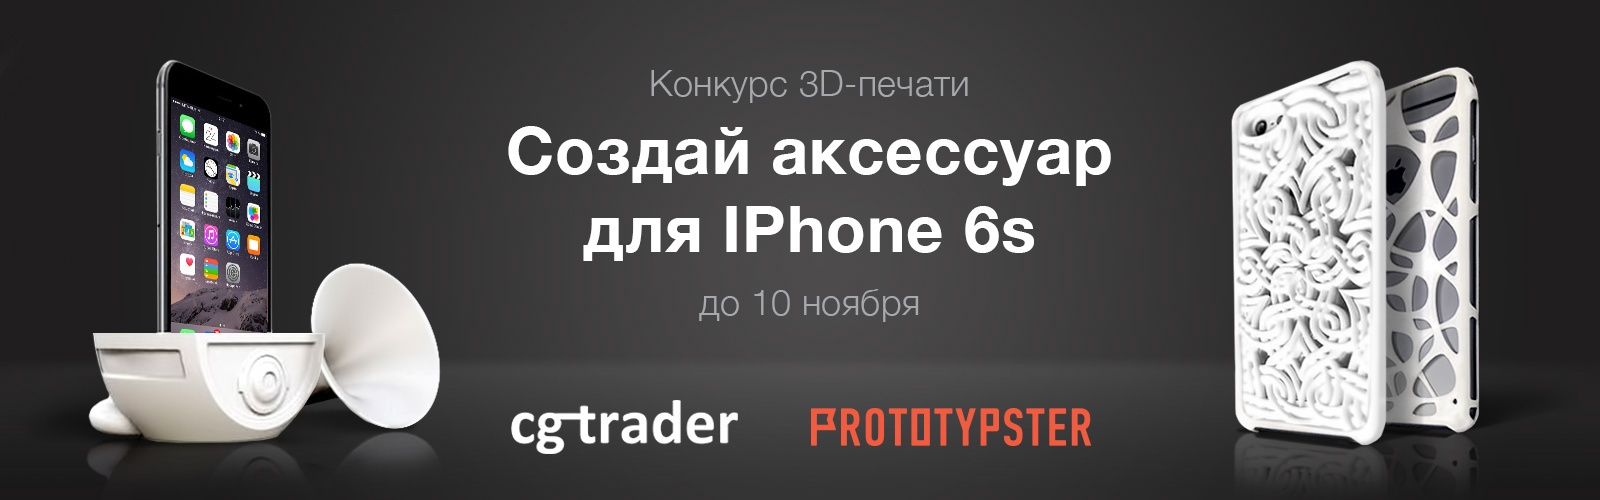 Внимание! Конкурс 3D-печатных аксессуаров для Apple Iphone 6s - 1